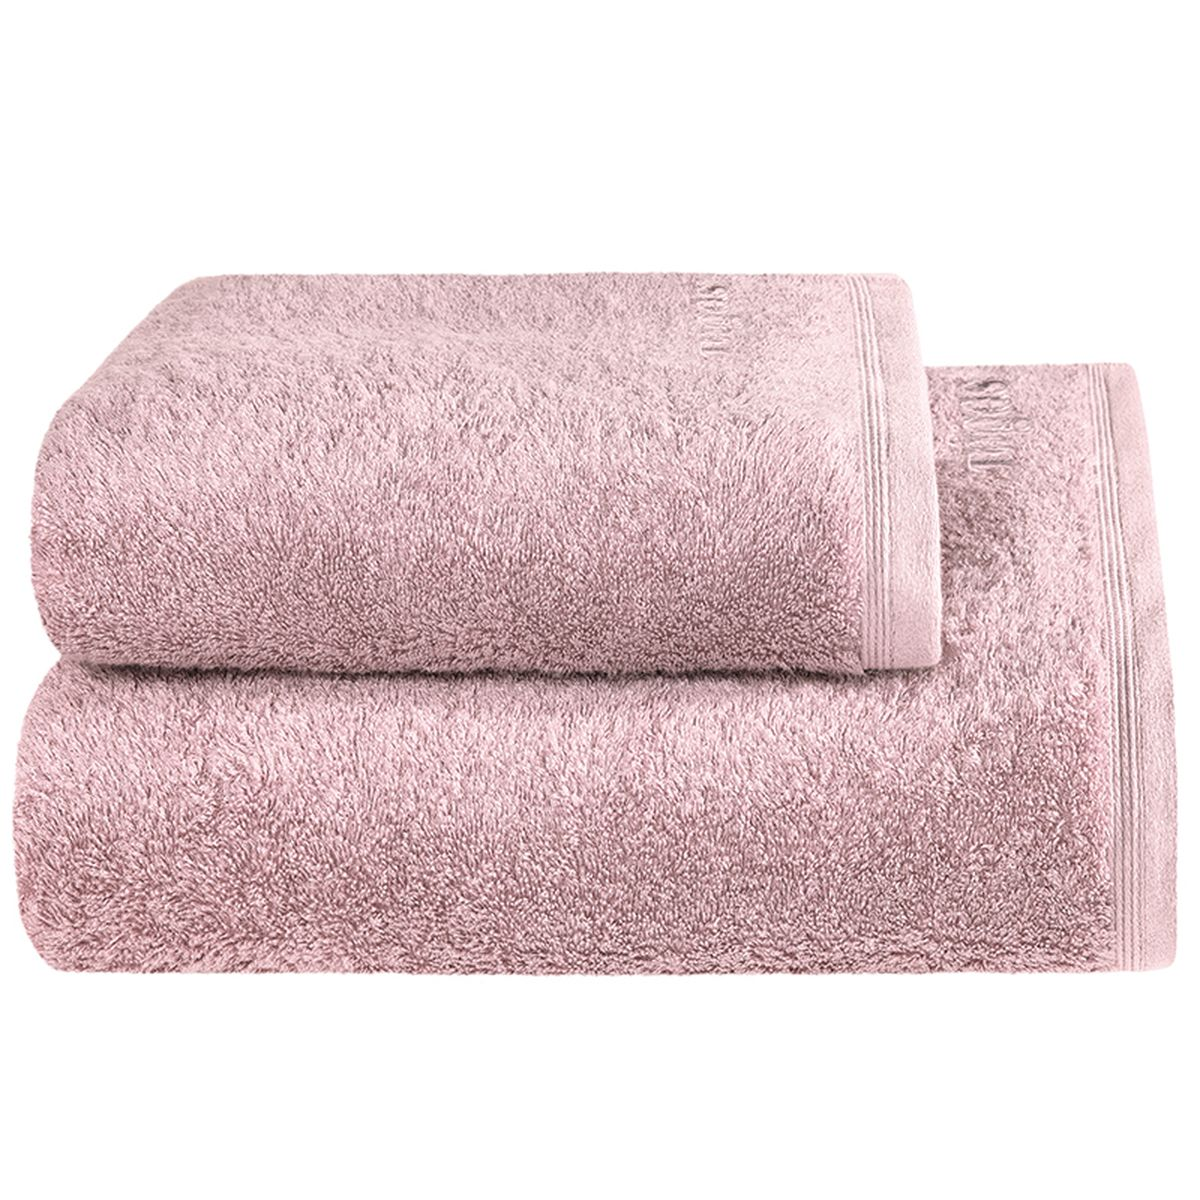 Полотенце Togas Пуатье, цвет: розовый, 50 х 100 см10.00.01.1045Полотенце Togas Пуатье невероятно гармонично сочетает в себе лучшие качествасовременного махрового текстиля. Безупречные по качеству, экологичное полотенце из70% хлопка и 30% модала идеально заботится о вашей коже, особенно после душа, когда вырасслаблены и особо уязвимы.Деликатный дизайн полотенца Togas «Пуатье» - воплощение изысканной простоты, где напервый план выходит качество материала. Невероятно мягкое волокно модал, превосходящее посвоим свойствам даже хлопок, позволяет улучшить впитывающие качества полотенца и делаетего удивительно мягким. Модал - это 100% натуральное, экологически чистое целлюлозноеволокно. Оно производится без применения каких-либо химических примесей, поэтому абсолютногипоаллергенно. Полотенце Togas Пуатье, обладающее идеальными качествами, будет поднимать вамнастроение.